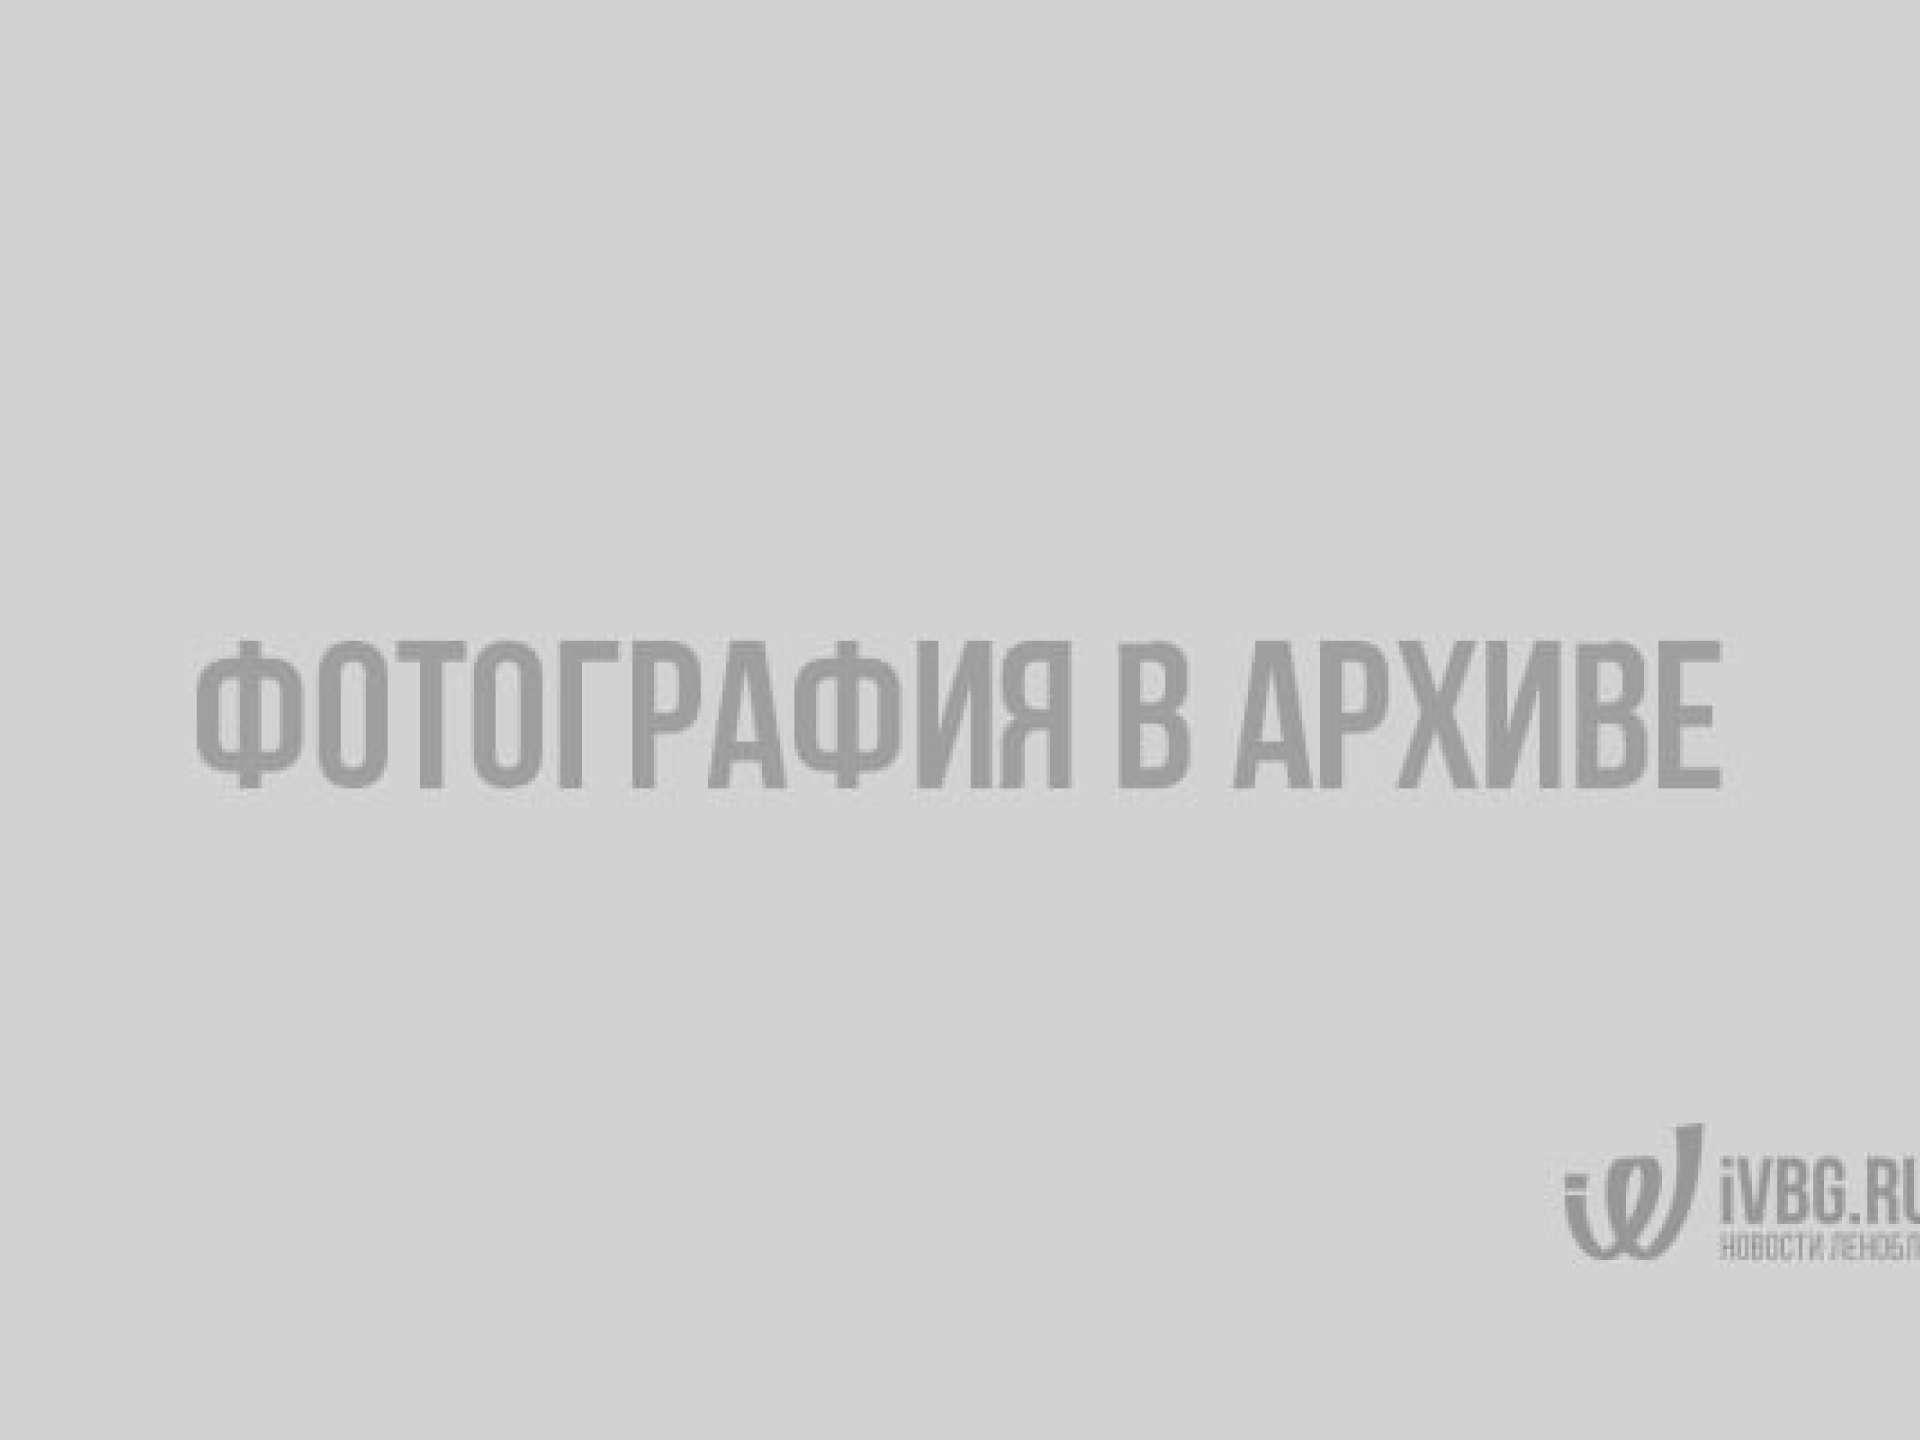 В Гатчине стартовала лыжная гонка - фото лыжные гонки, Ленобласть, Гатчинский район